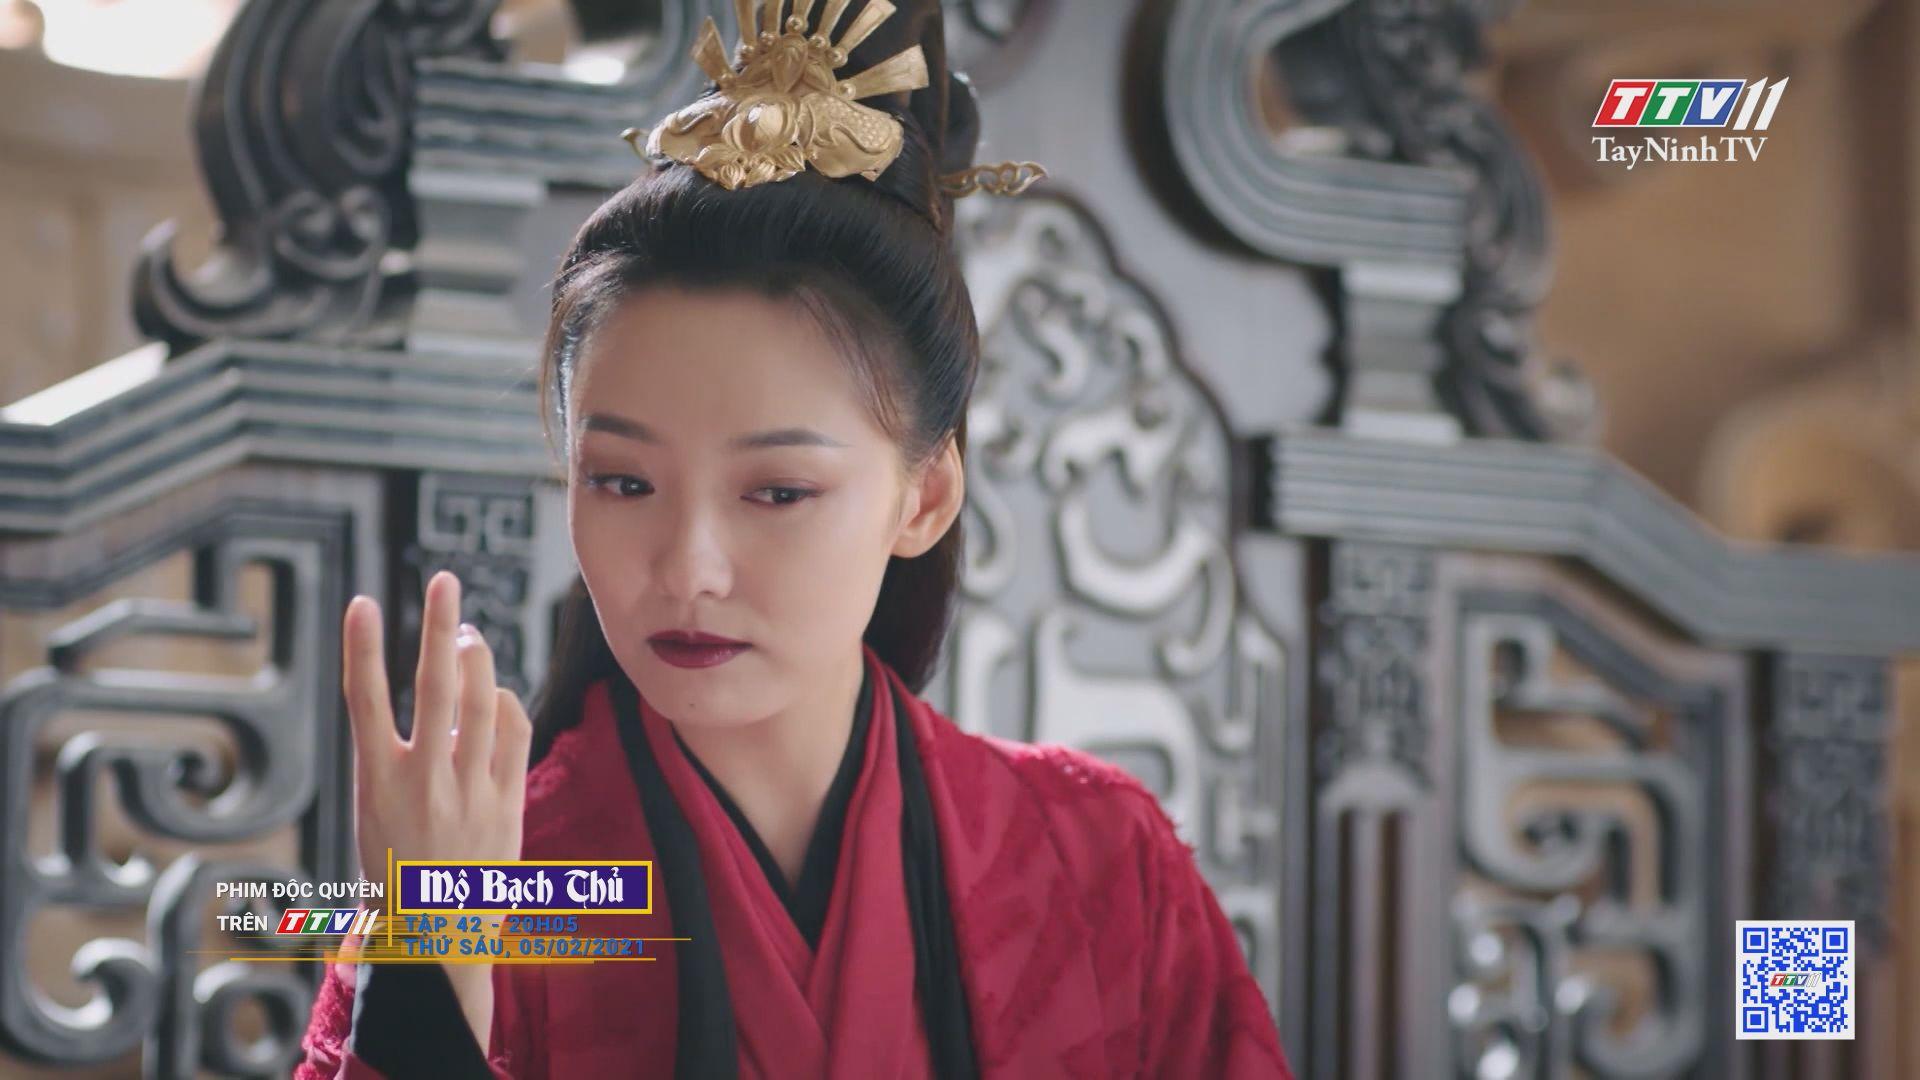 Liệu CẨM TƯỚC có thoát được không ? | Mộ Bạch Thủ-TẬP 42 trailer | PHIM MỘ BẠCH THỦ | TayNinhTV